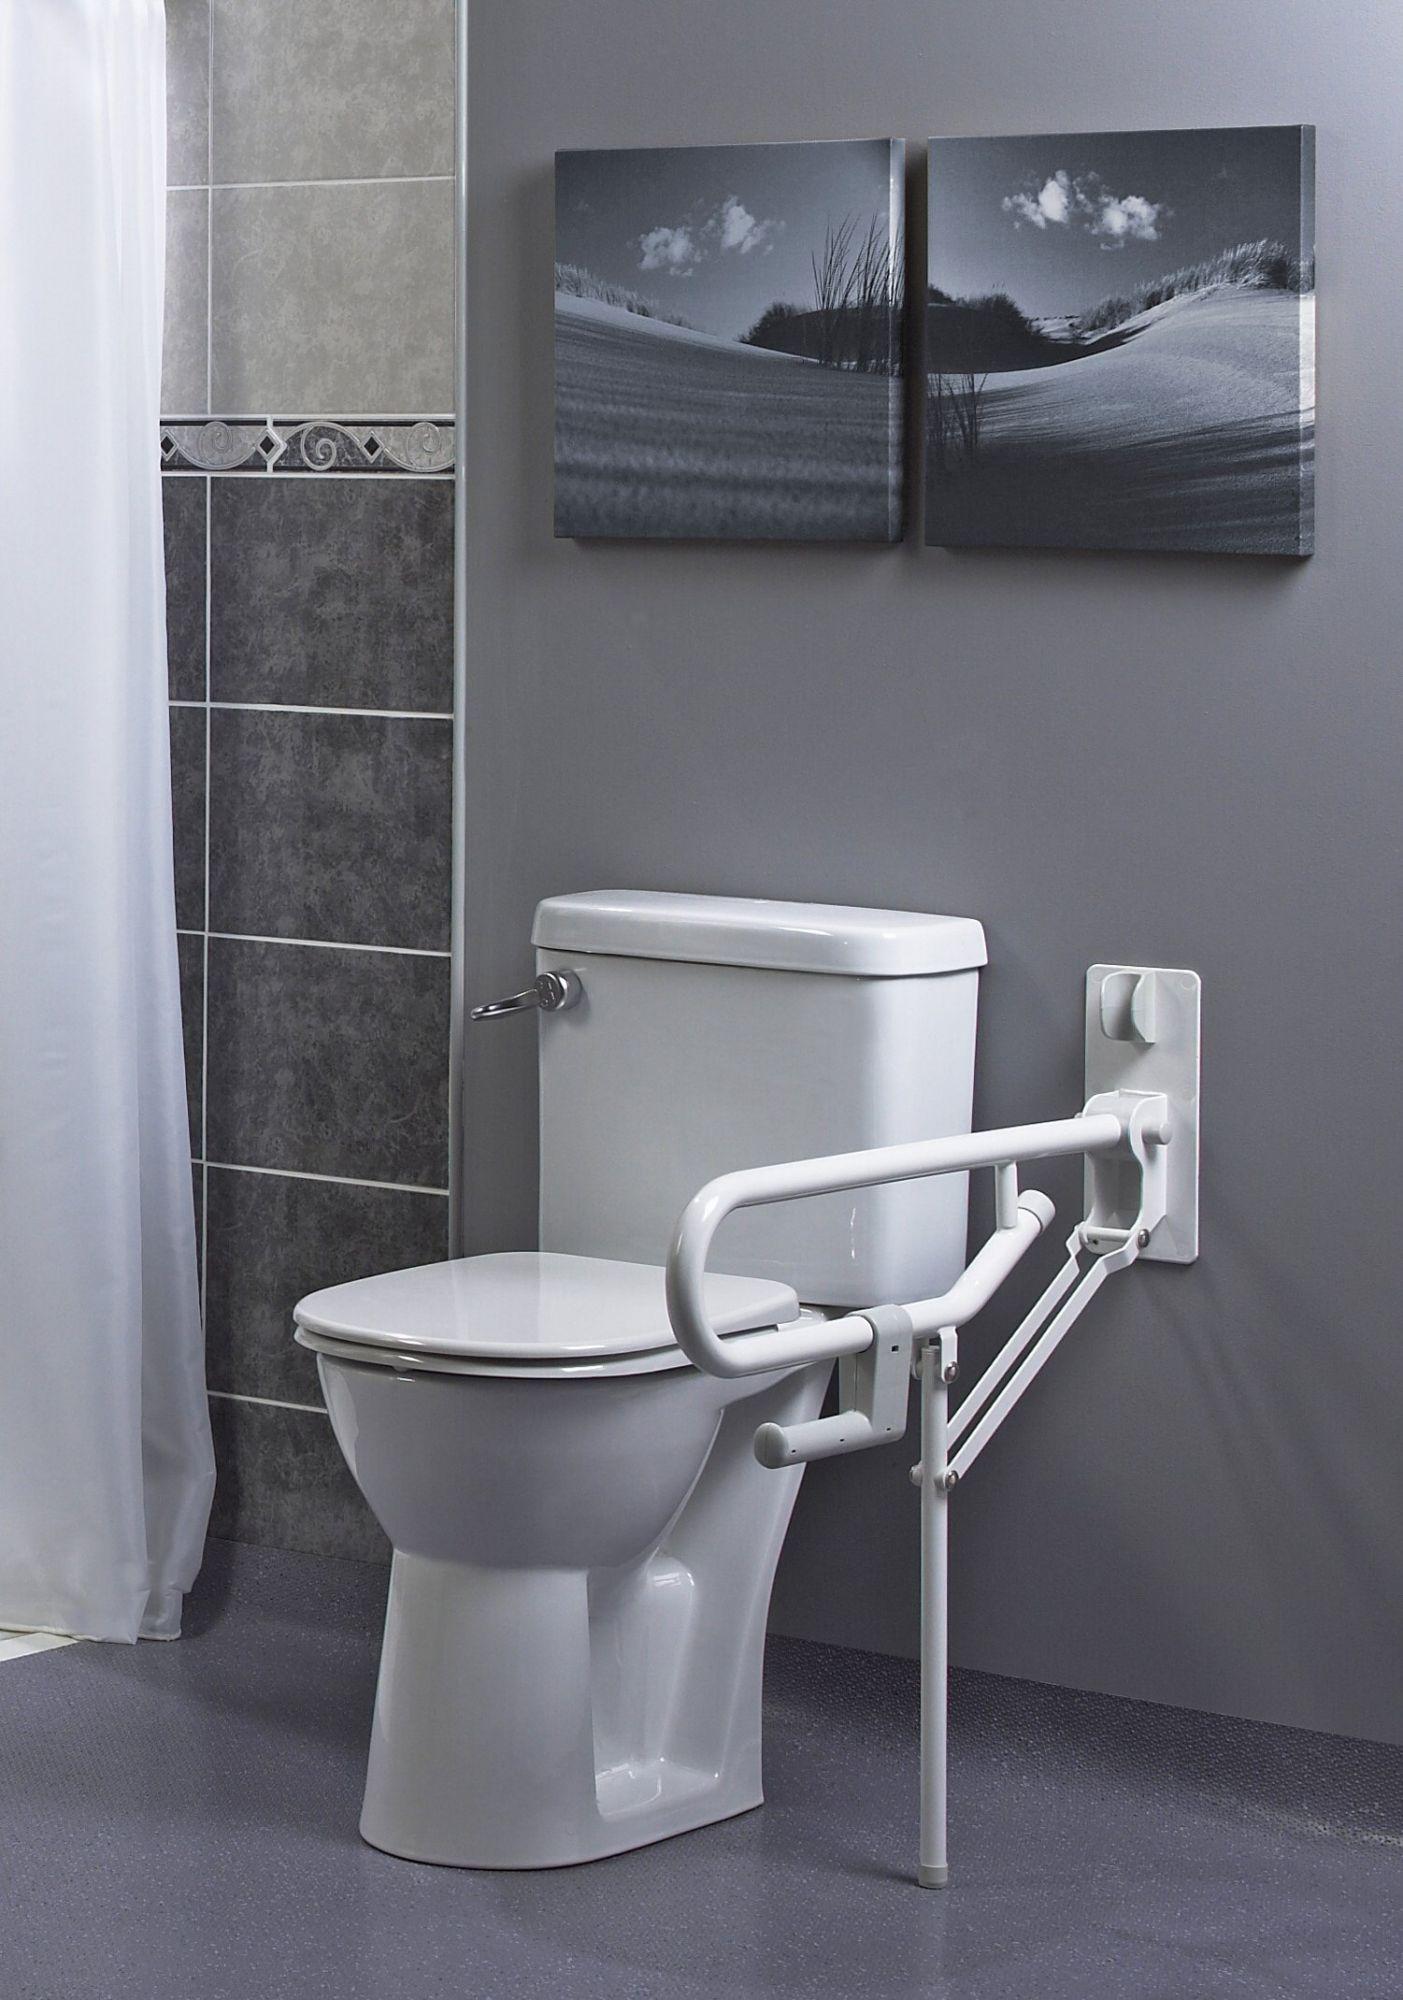 Barre d appui wc pro pied fixe la salle de bains for Barre de redressement salle de bain